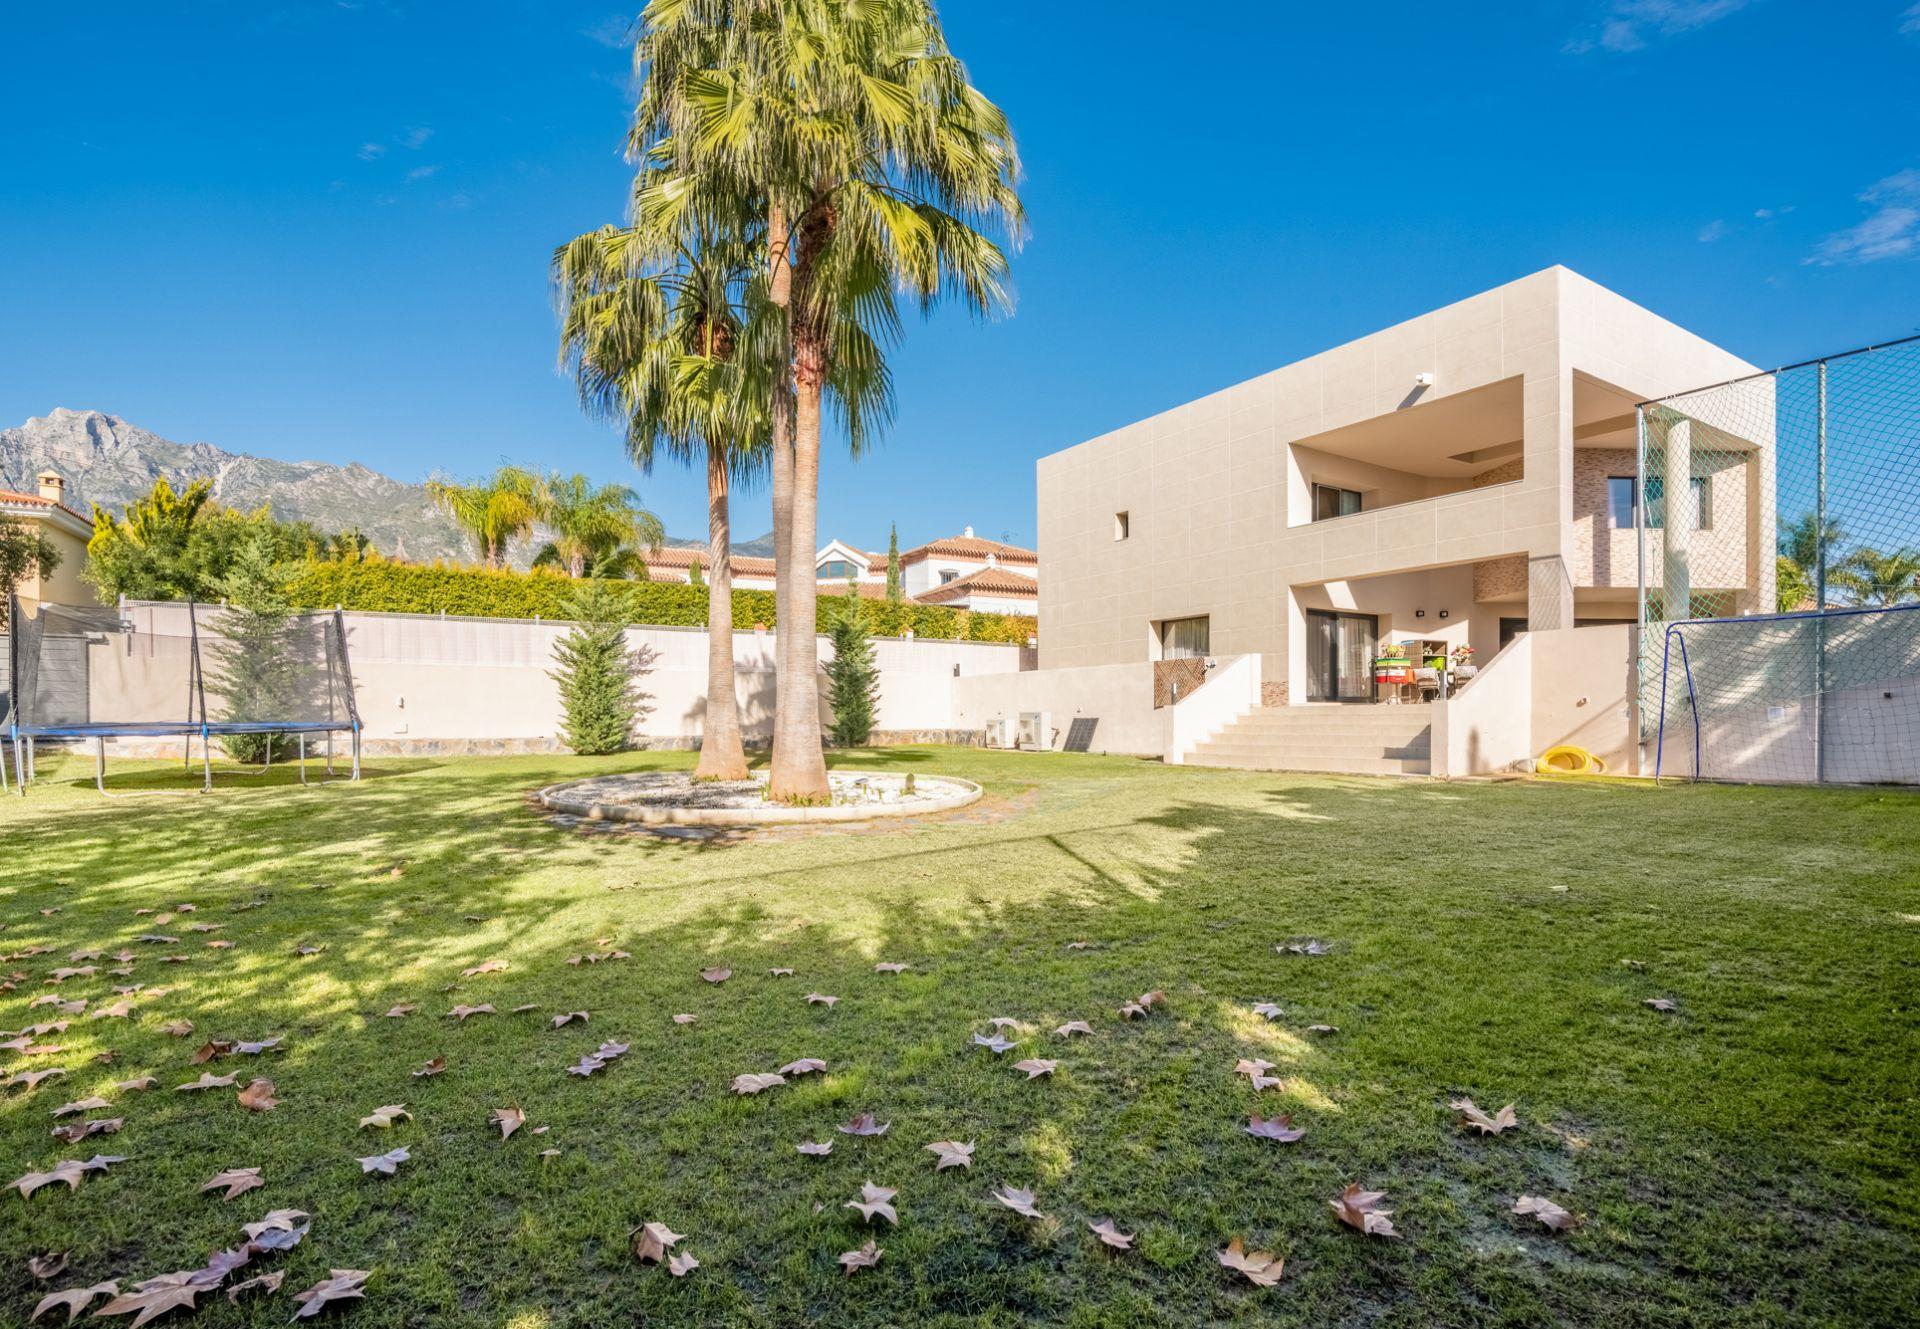 Villa in El Higueral, Marbella